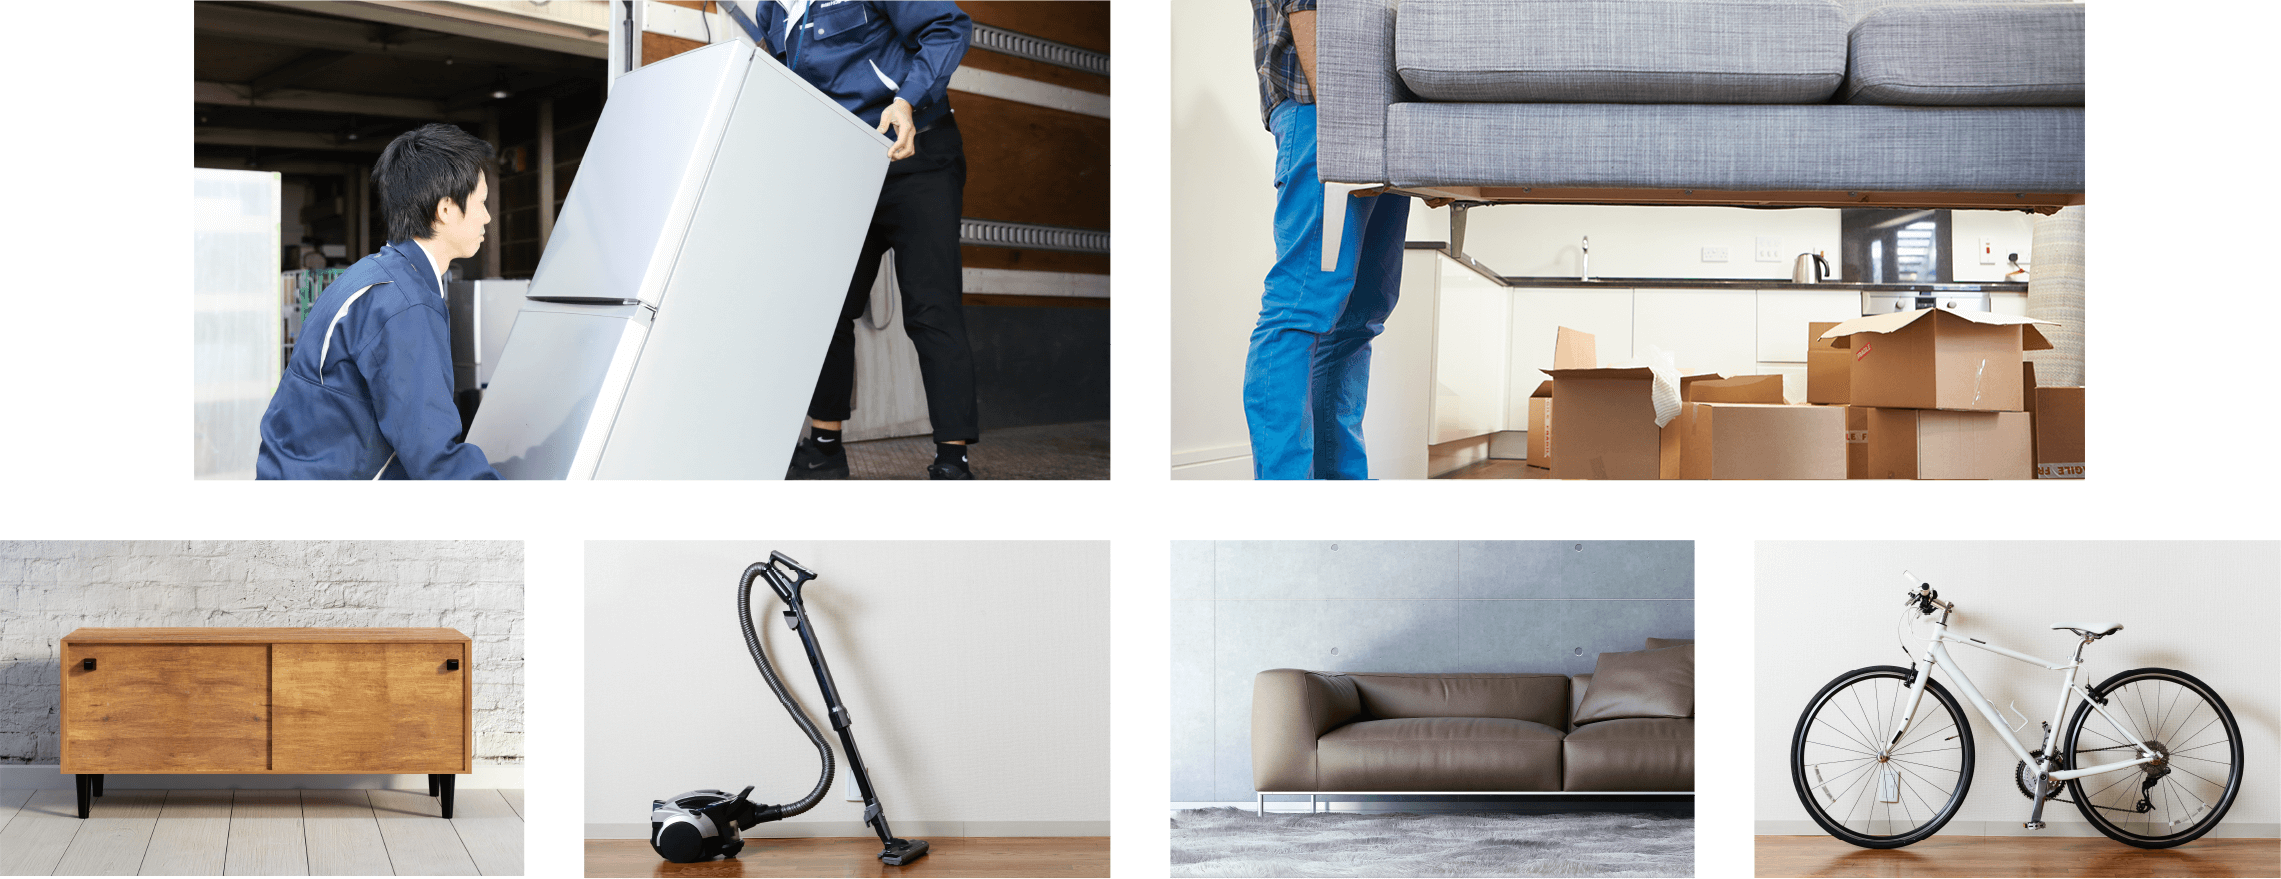 引っ越し業者のように大きな家具も搬出します